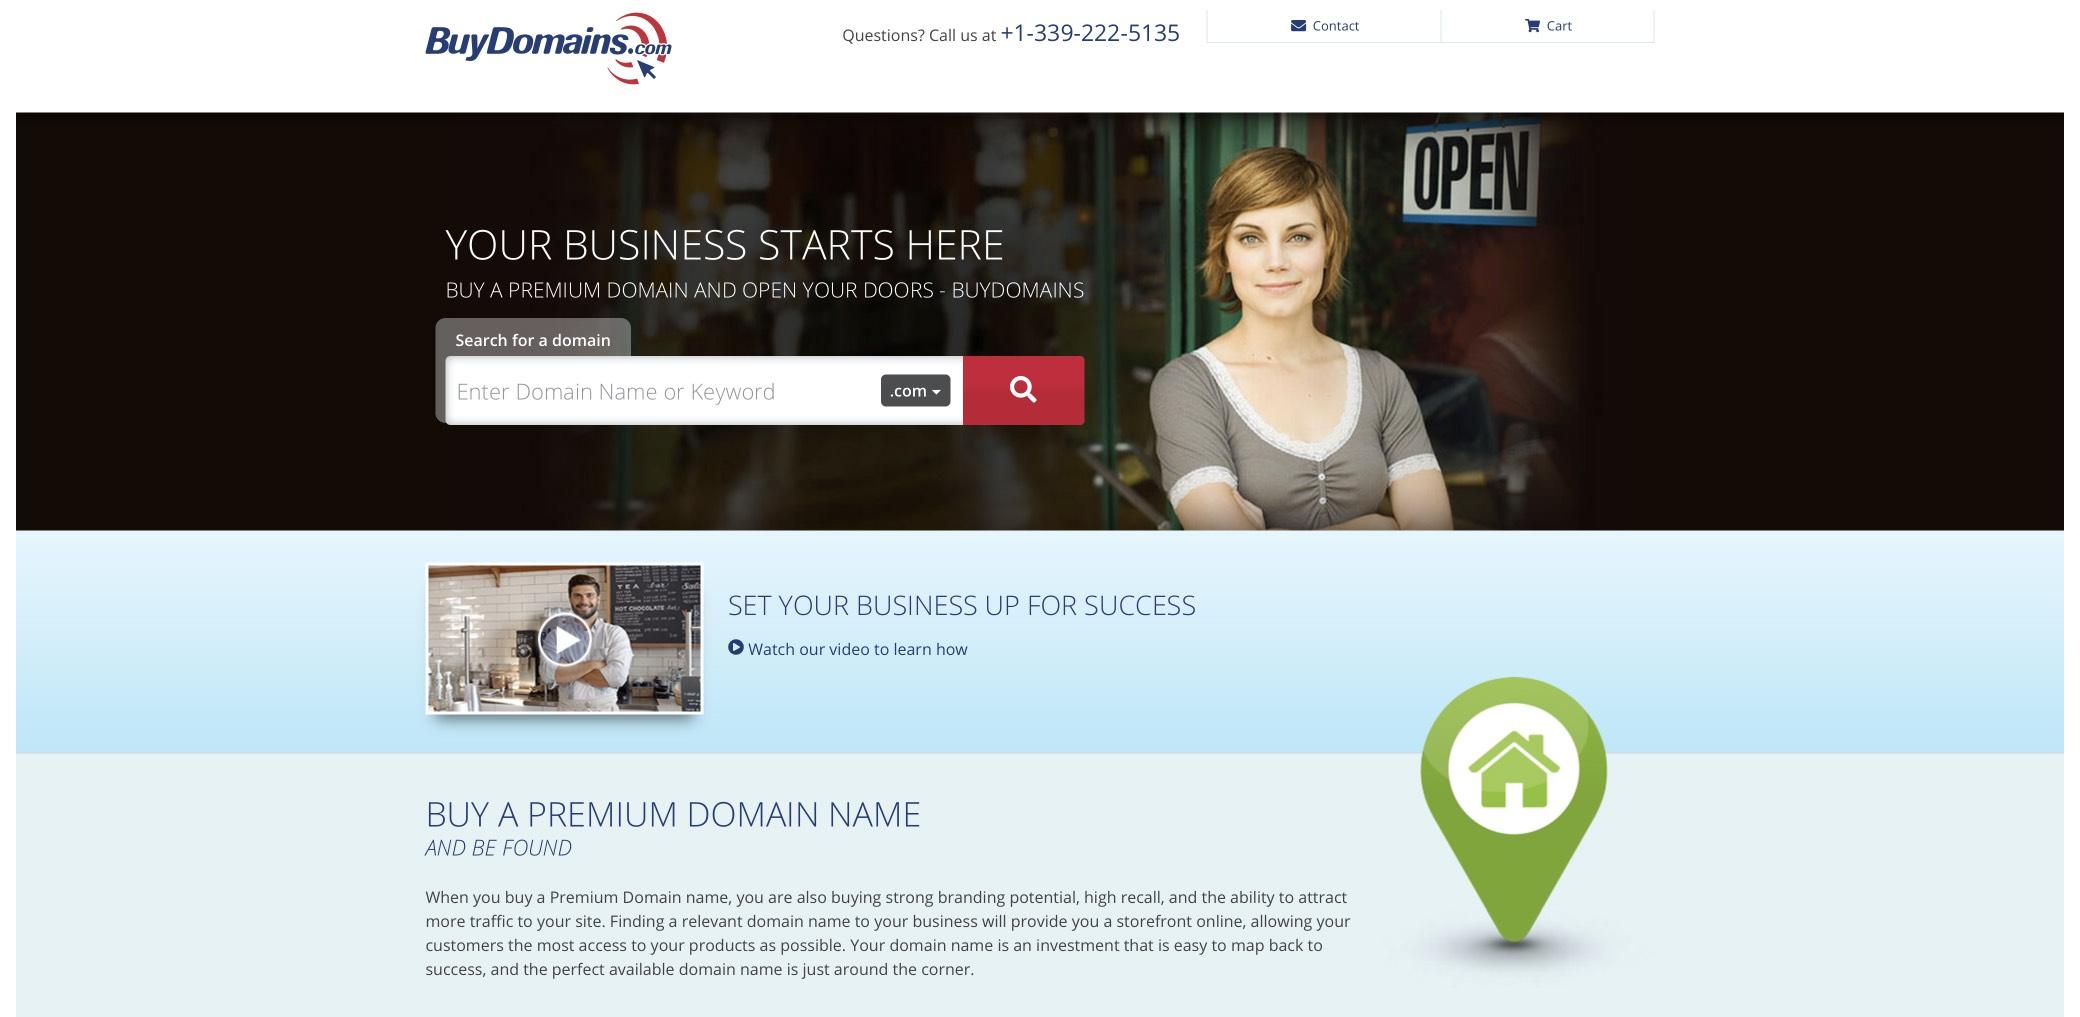 buydomains screenshot